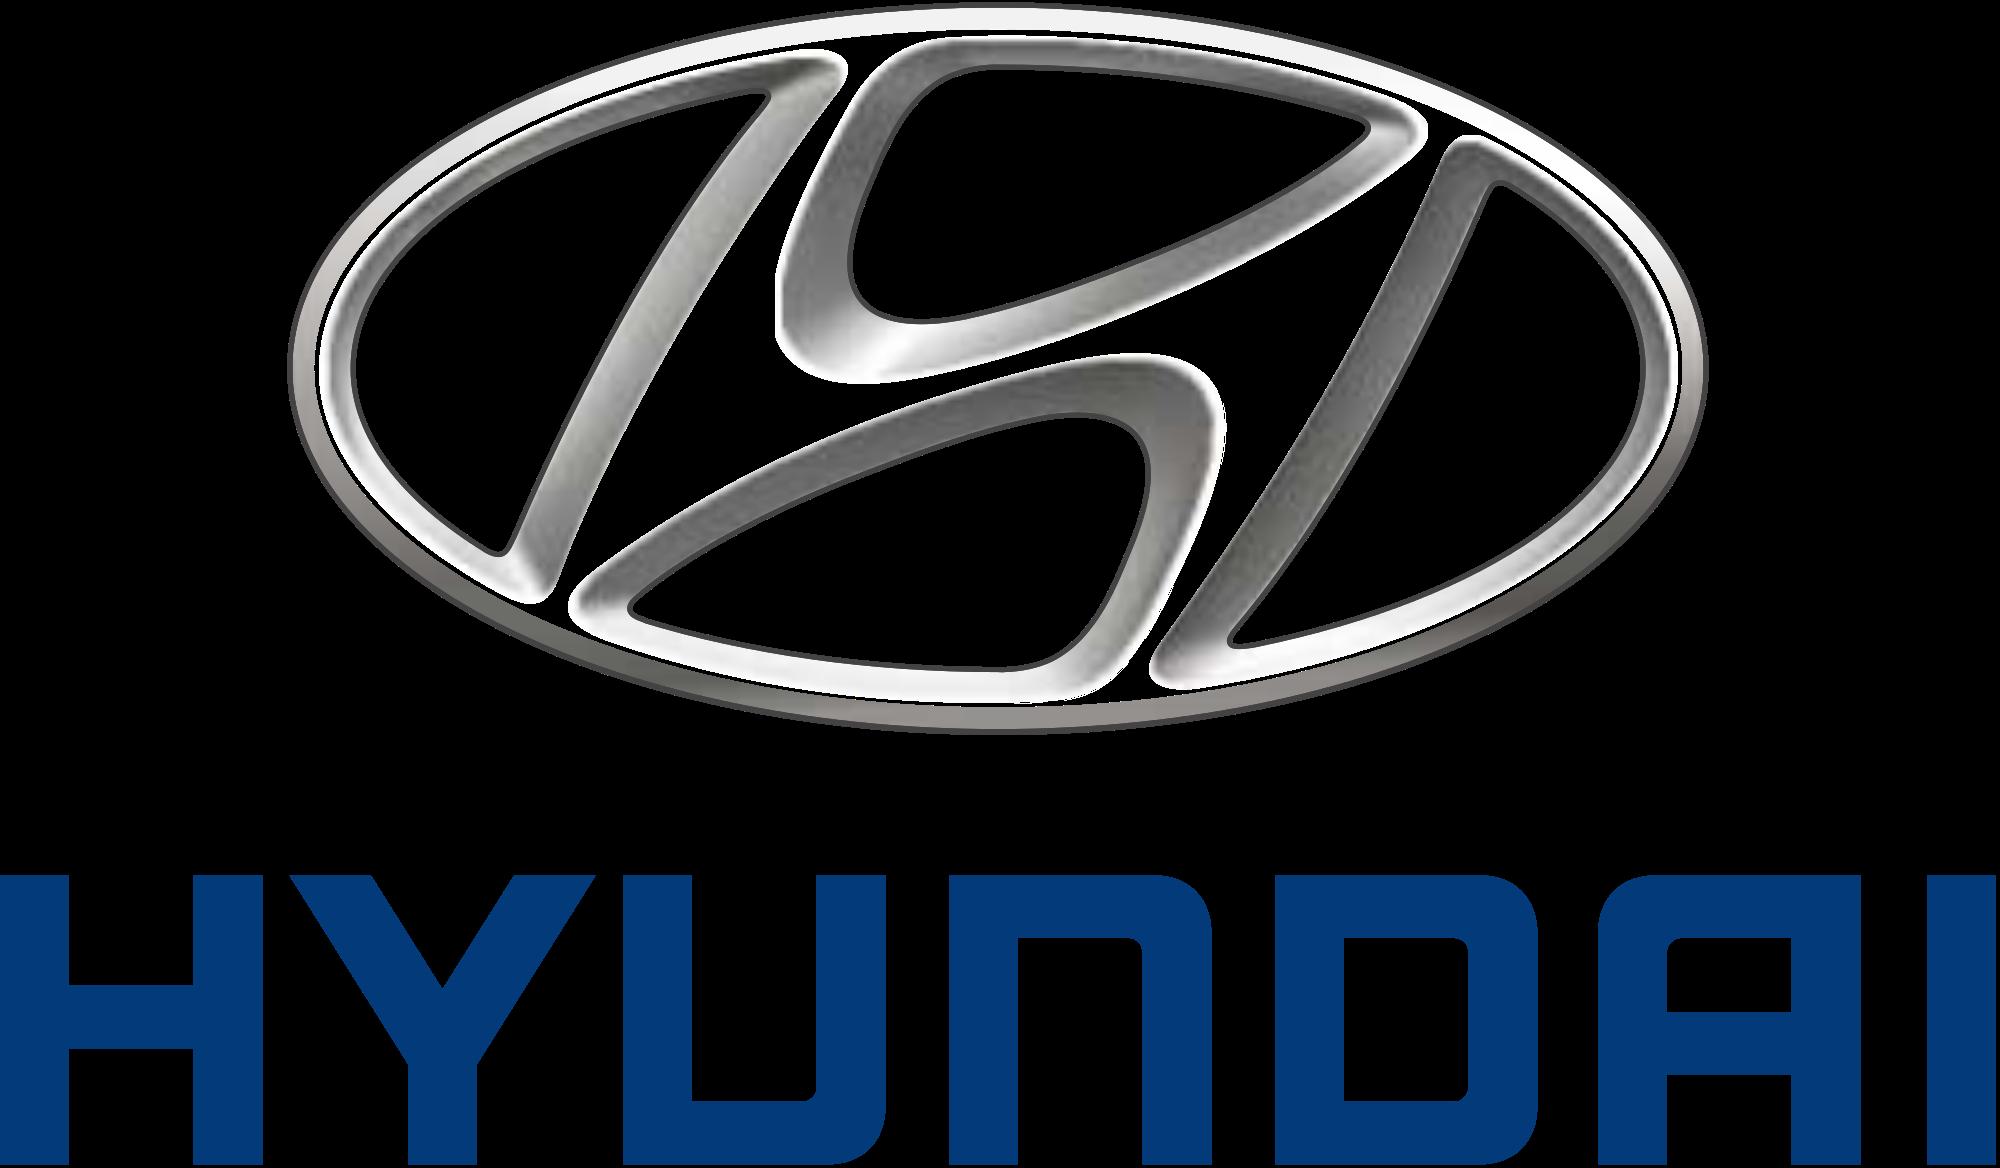 Hyundai Logo Branded Logos Pinterest Cars Hyundai Cars And